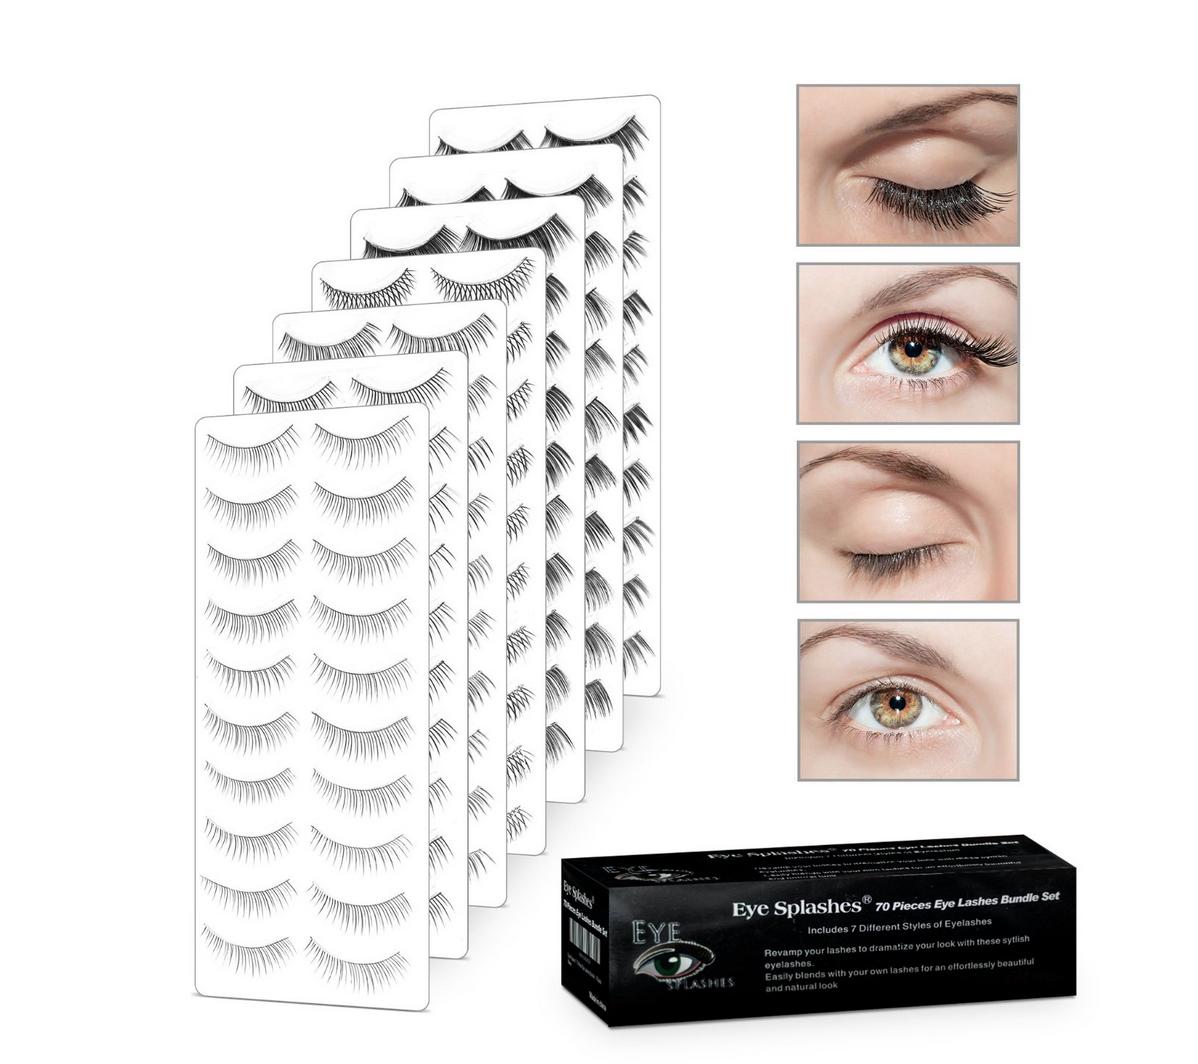 Eye Splashes 70 Pairs of False Eye Lashes Bundle – 7 Styles Only $11.99 (Reg. $24.95!)